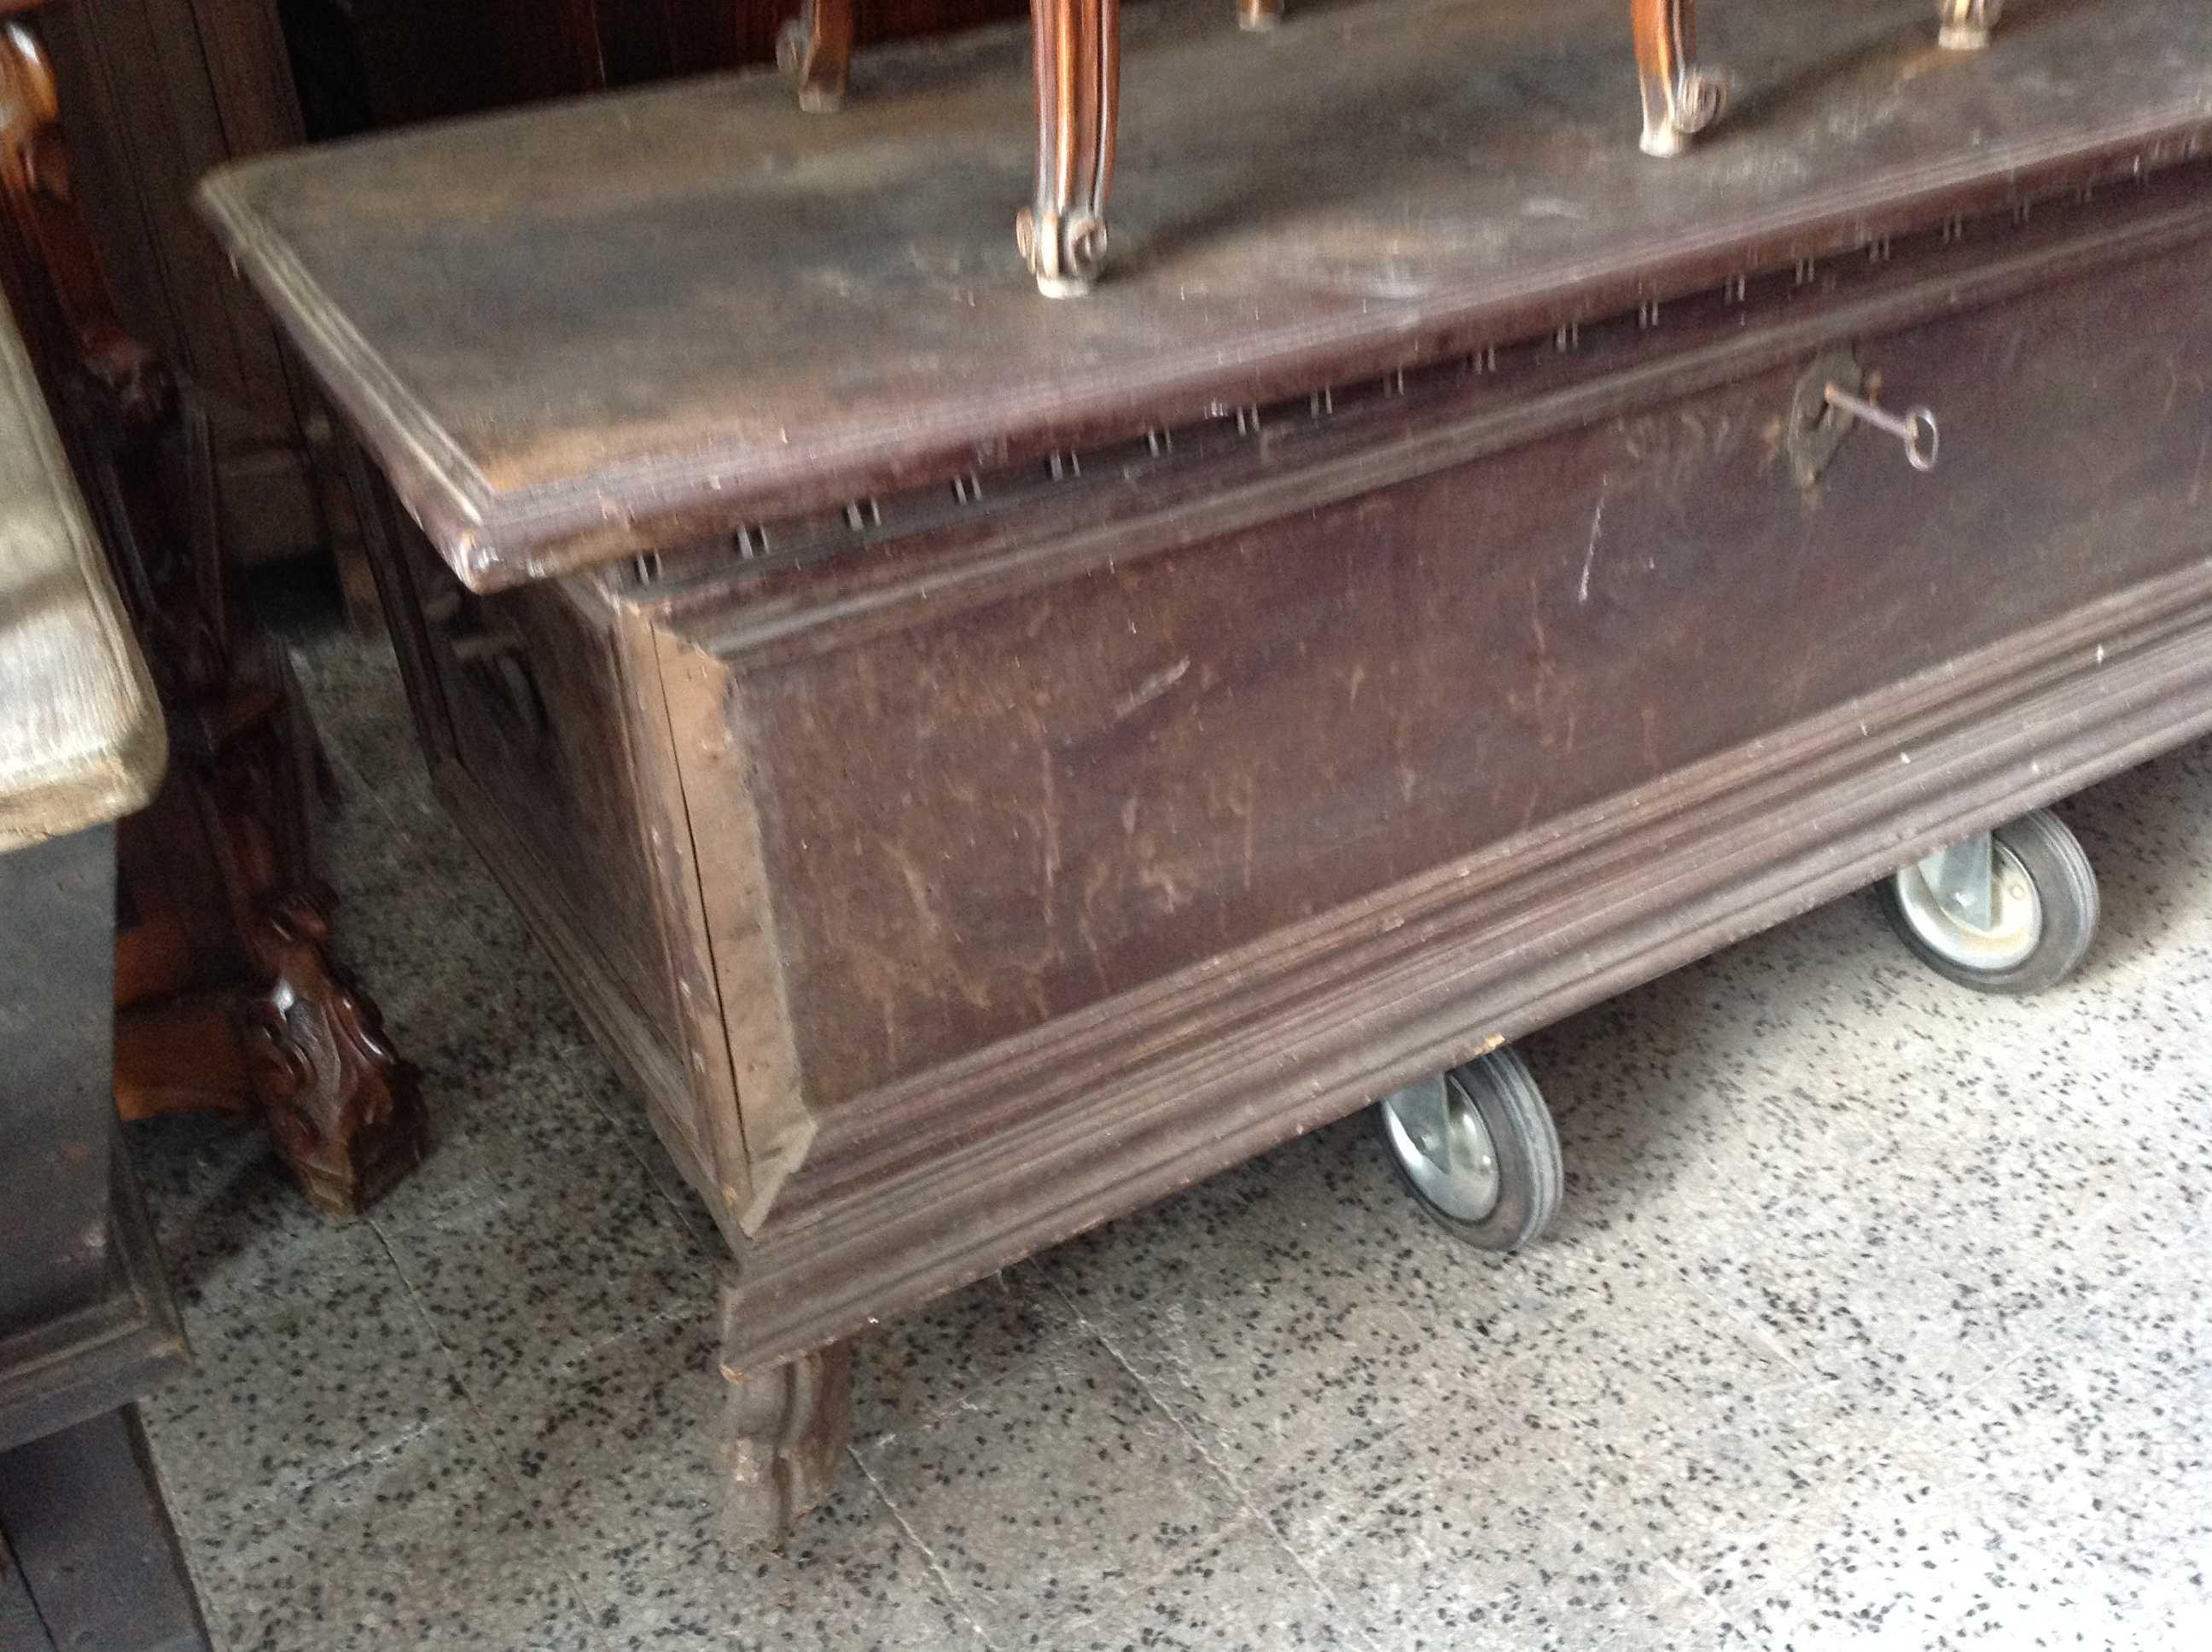 Cassapanca 600 arredamento mobili antiquariato musetti for Ebay arredamento antiquariato